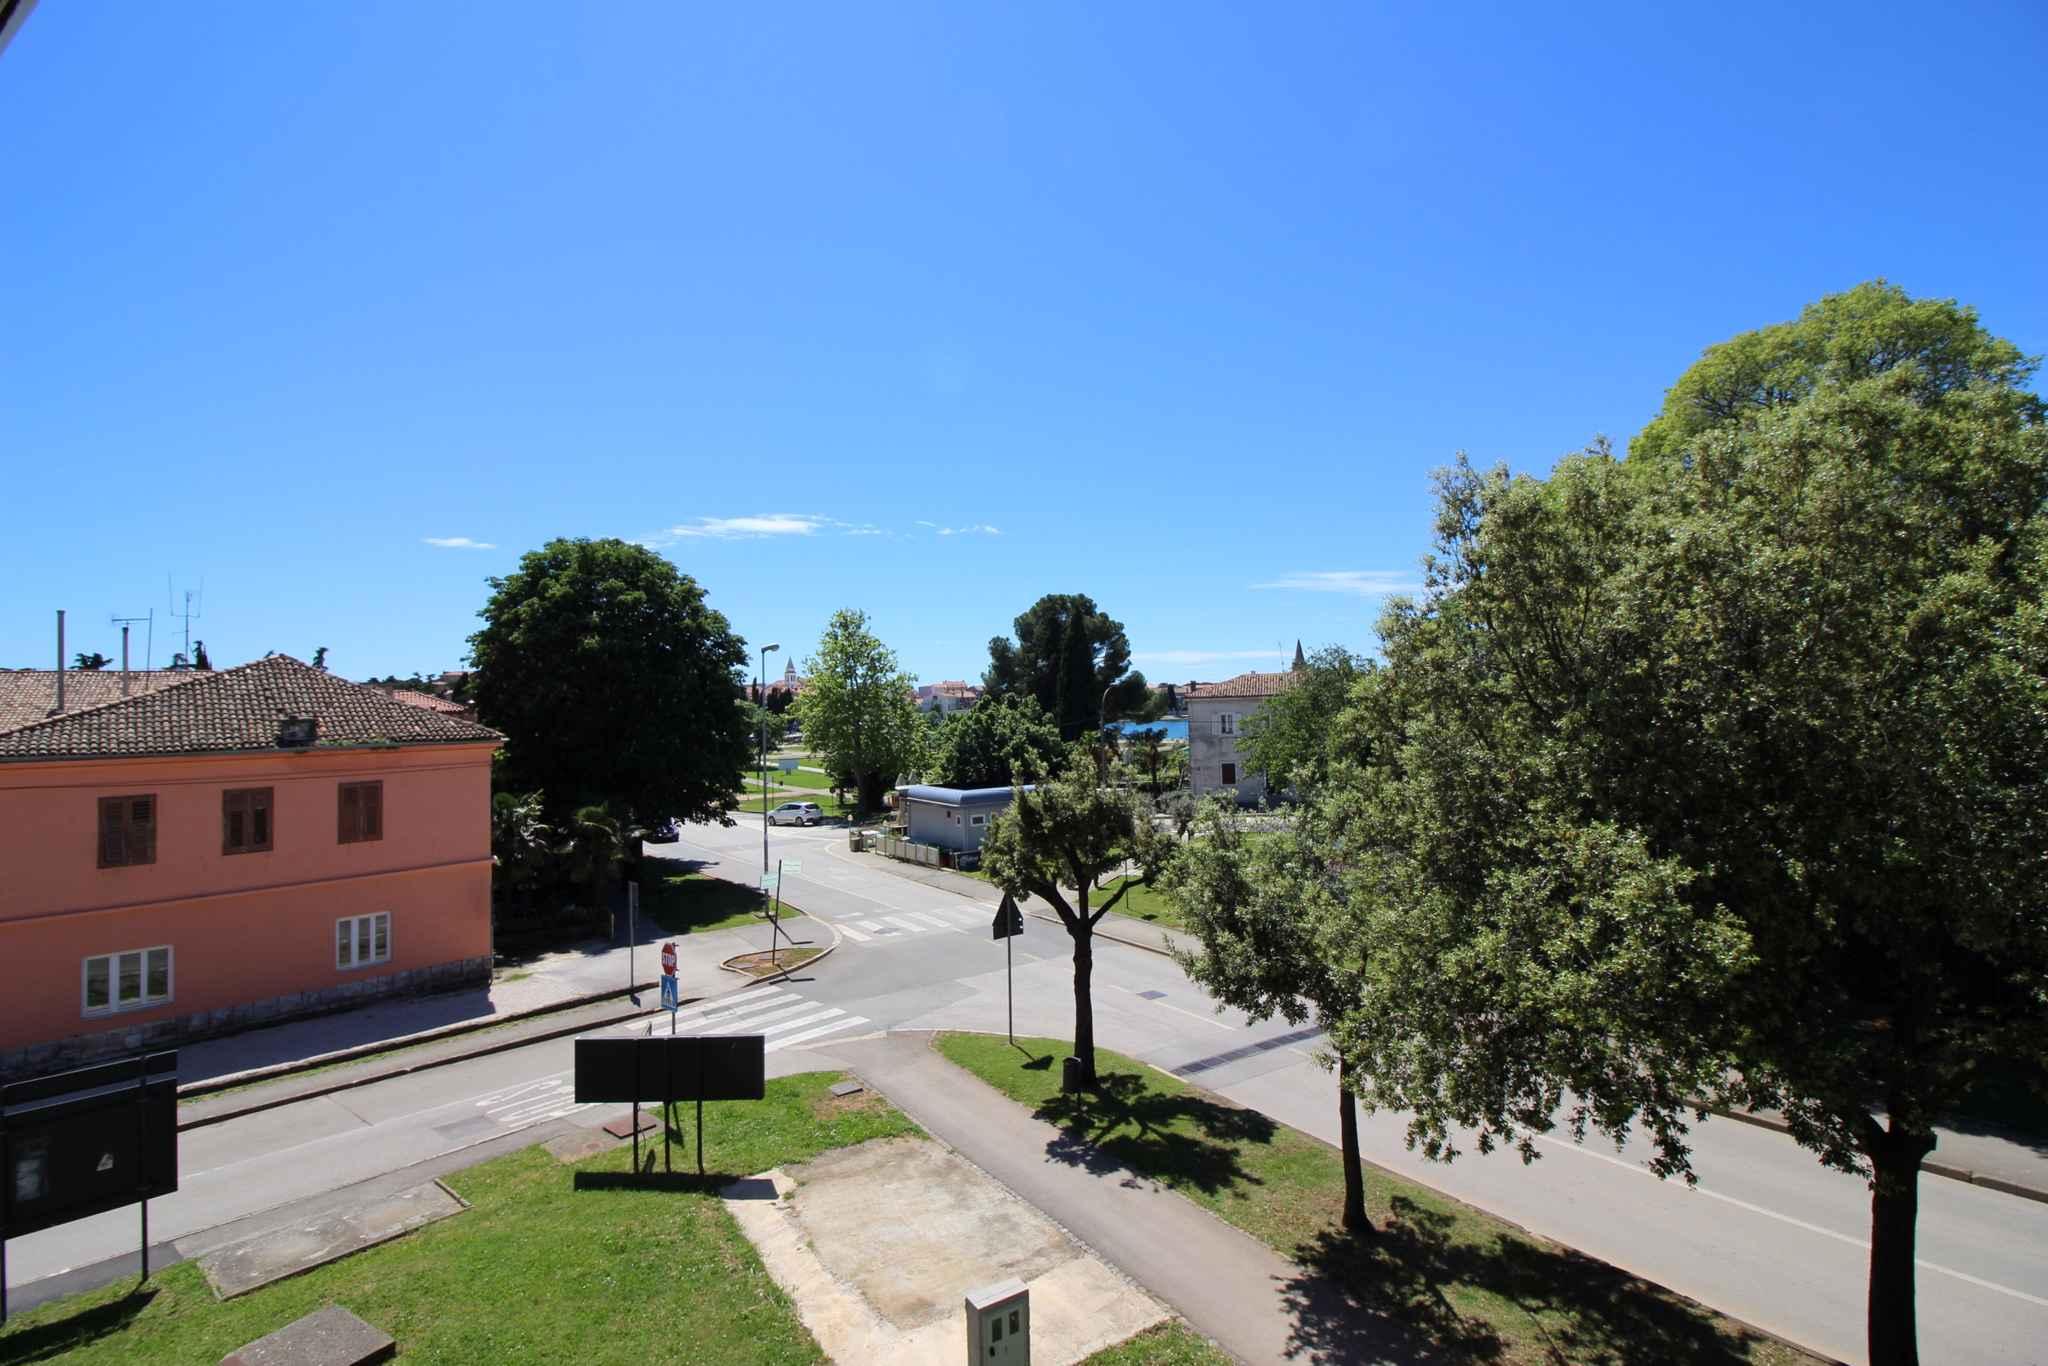 Ferienwohnung nahe zum Strand und zur Altstadt (280245), Porec, , Istrien, Kroatien, Bild 3